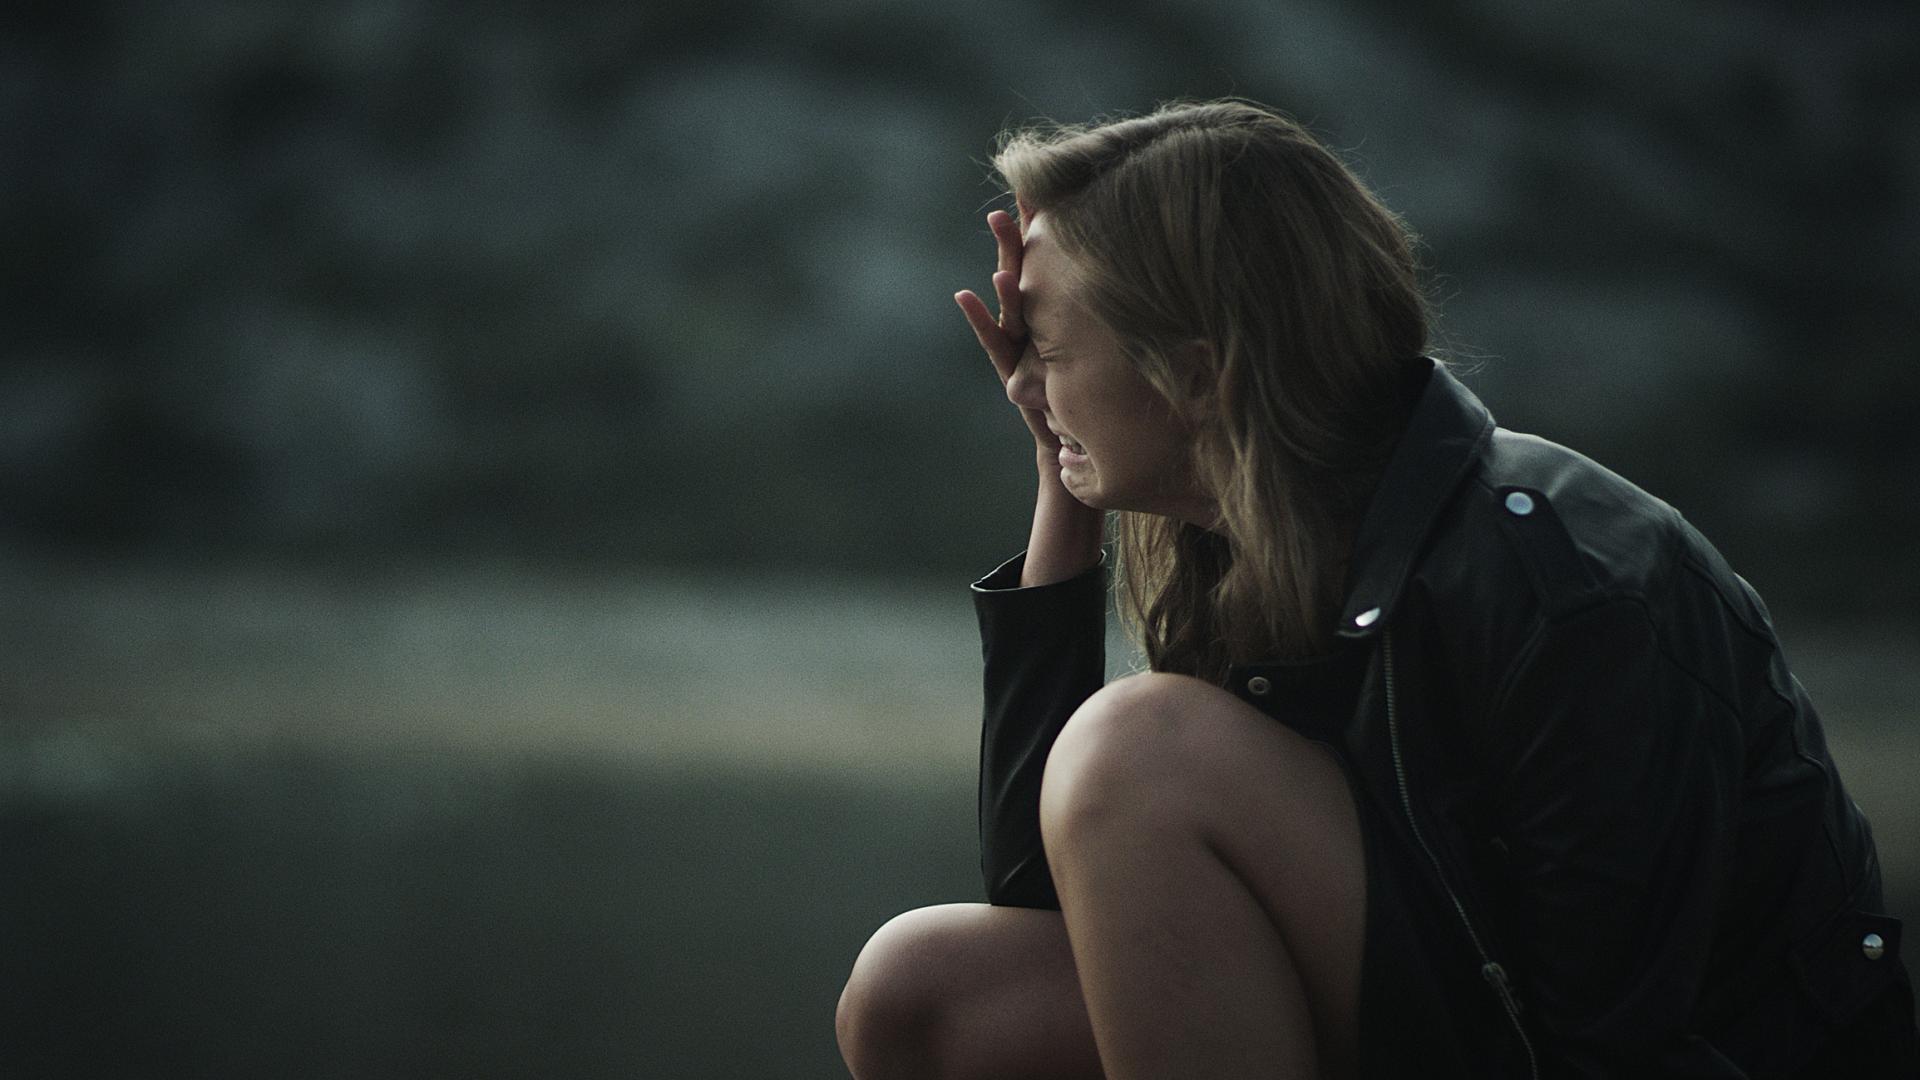 Trennung überwinden: Frau weint